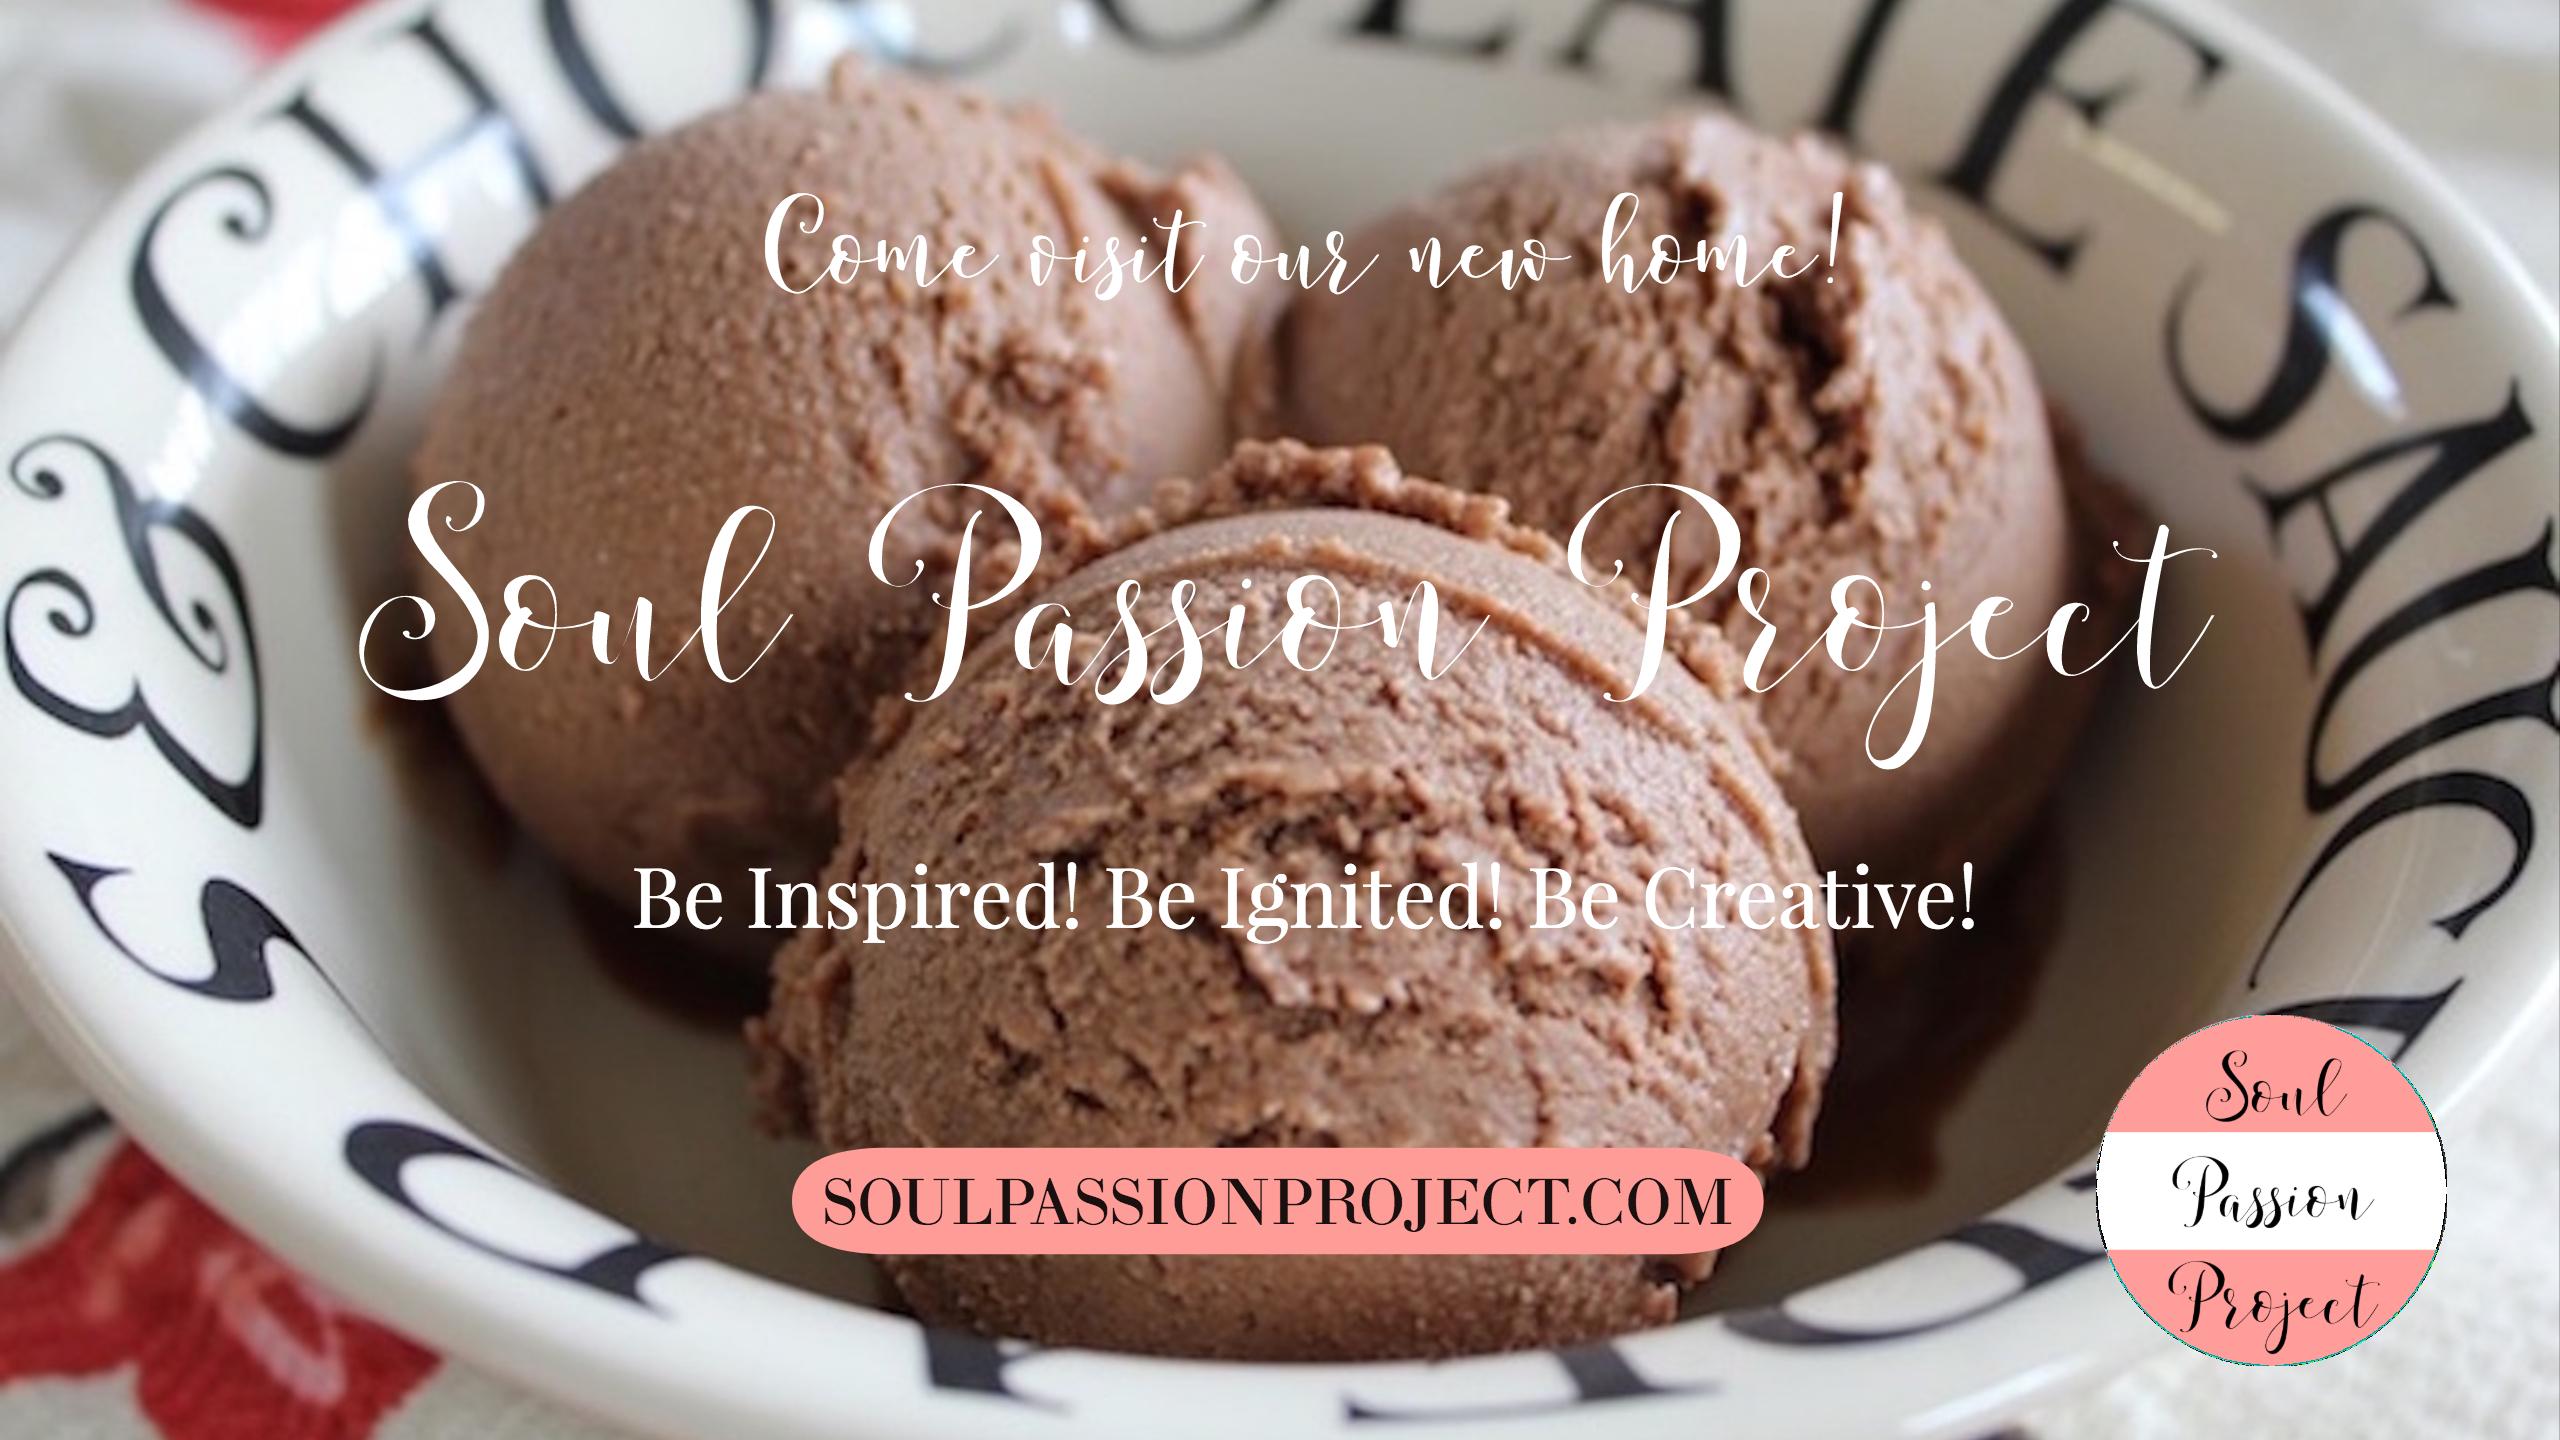 Visit Soul Passion Project